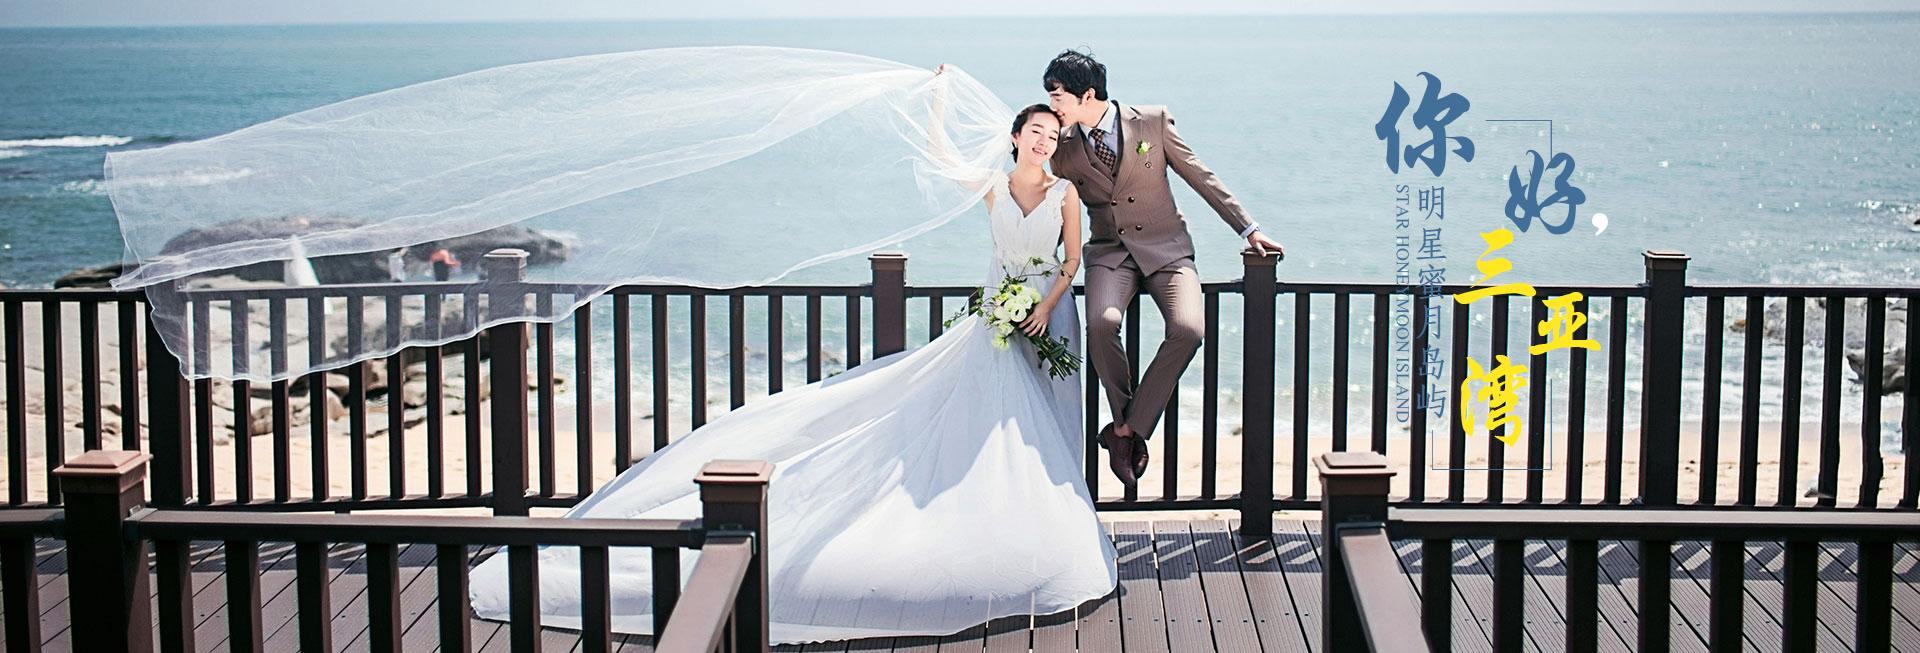 婚纱摄影三亚站